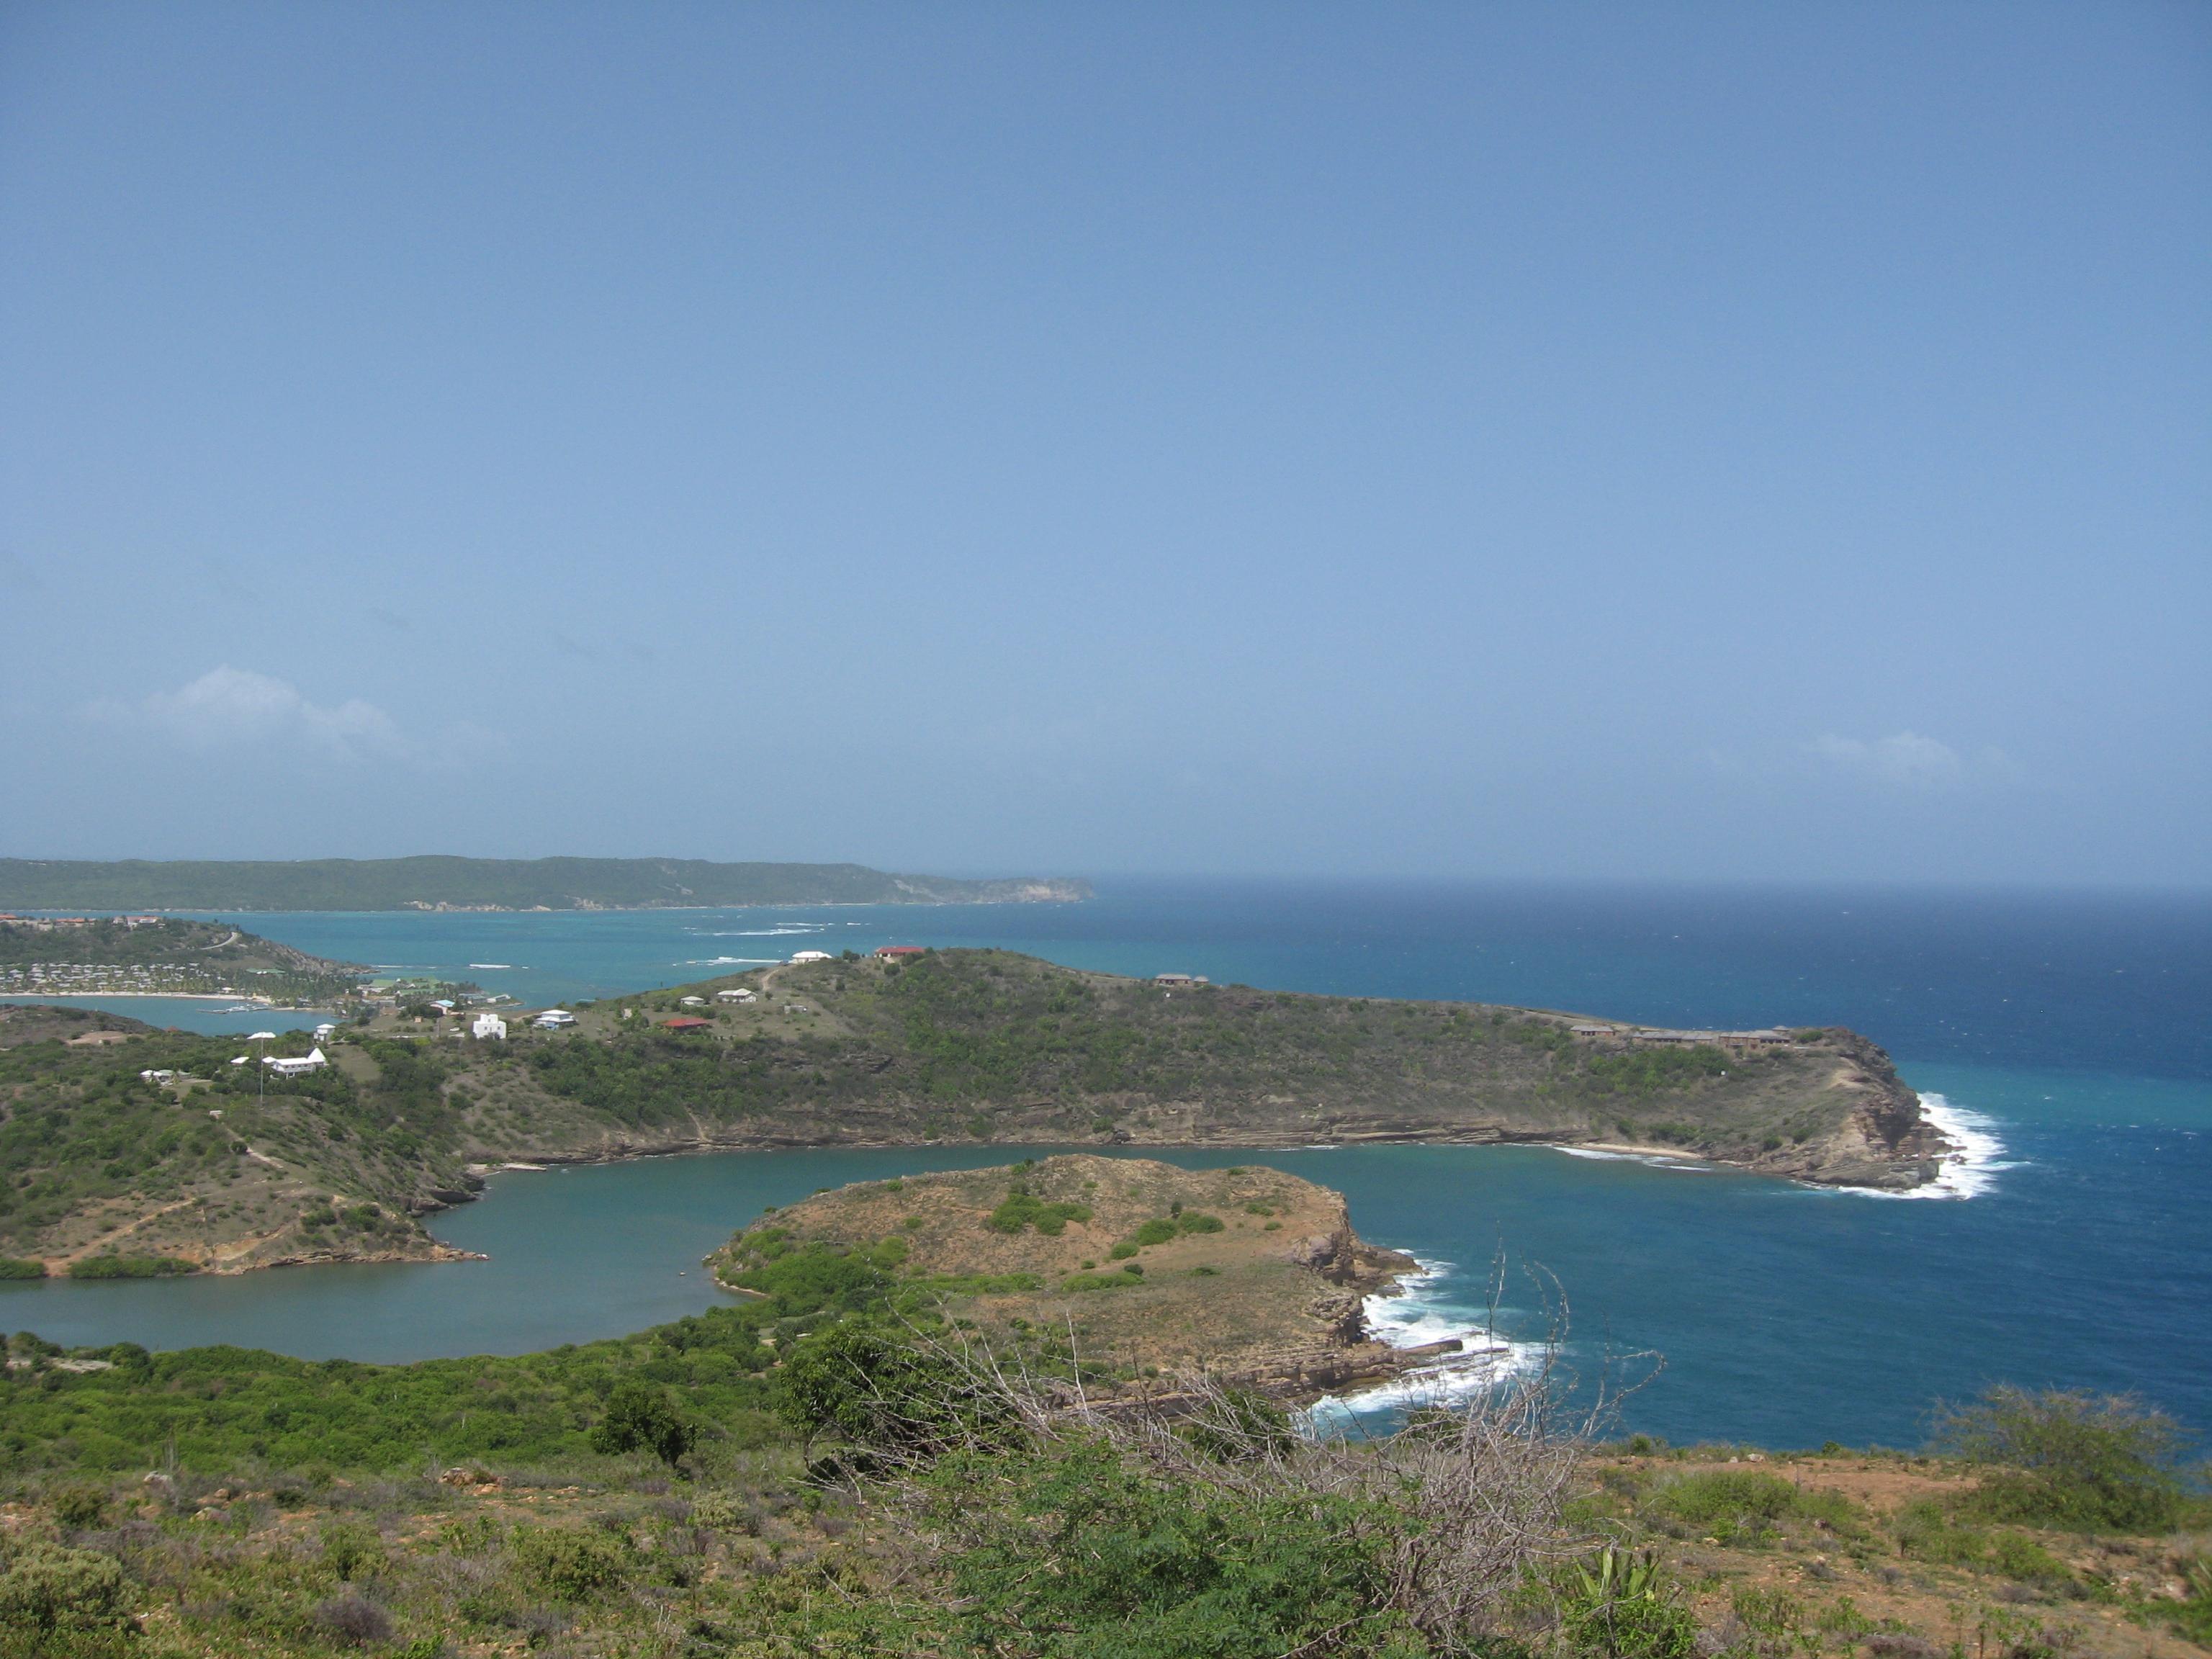 Antigua, photo by Thricecube